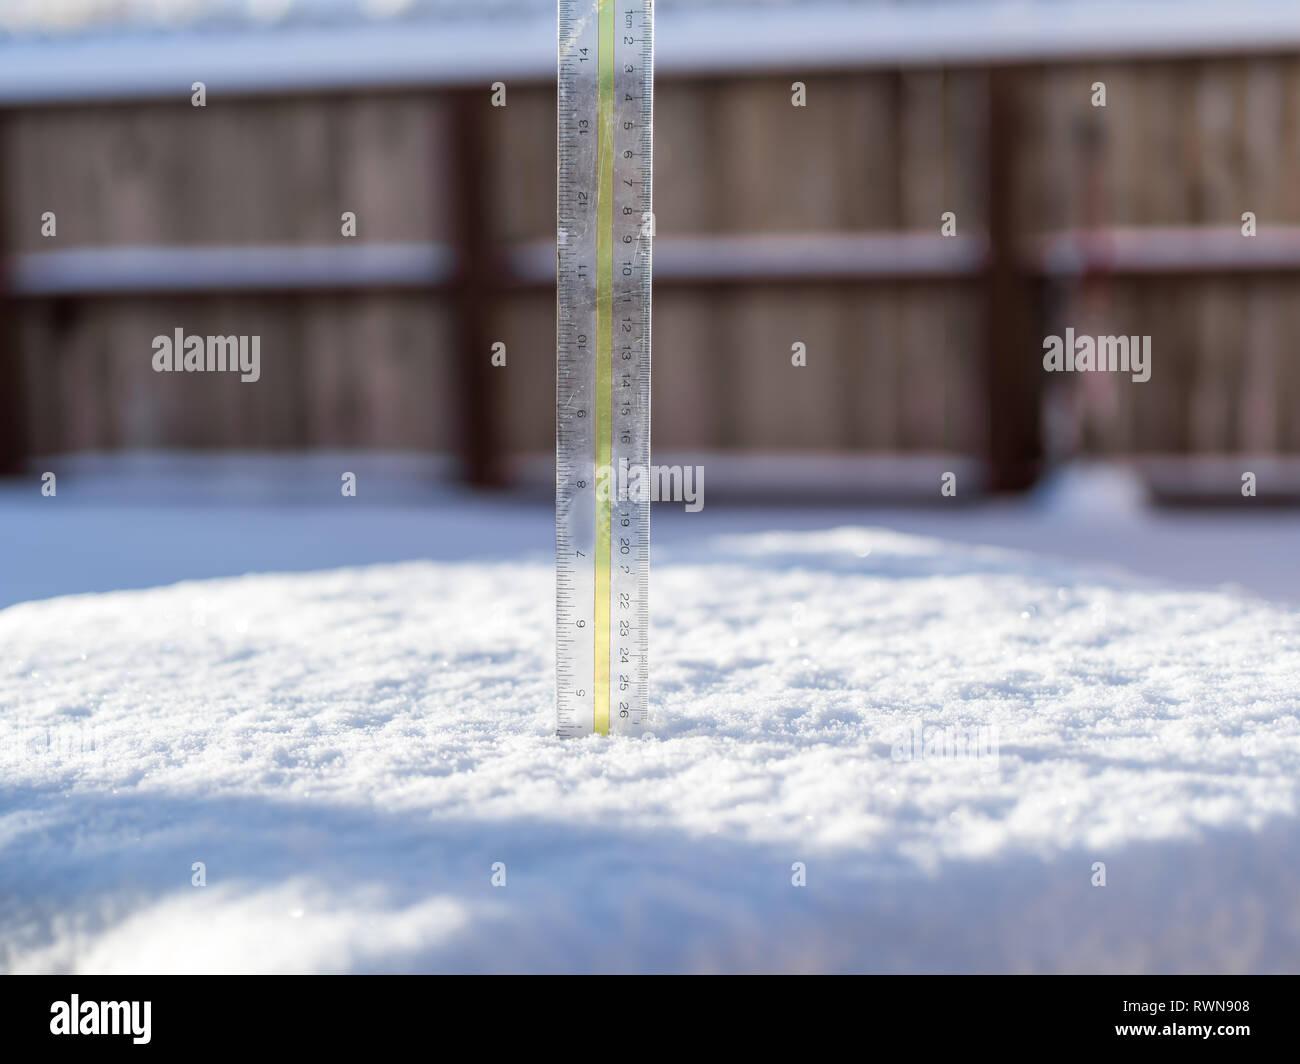 Plastic ruler measuring the depth of freshly fallen snow. - Stock Image